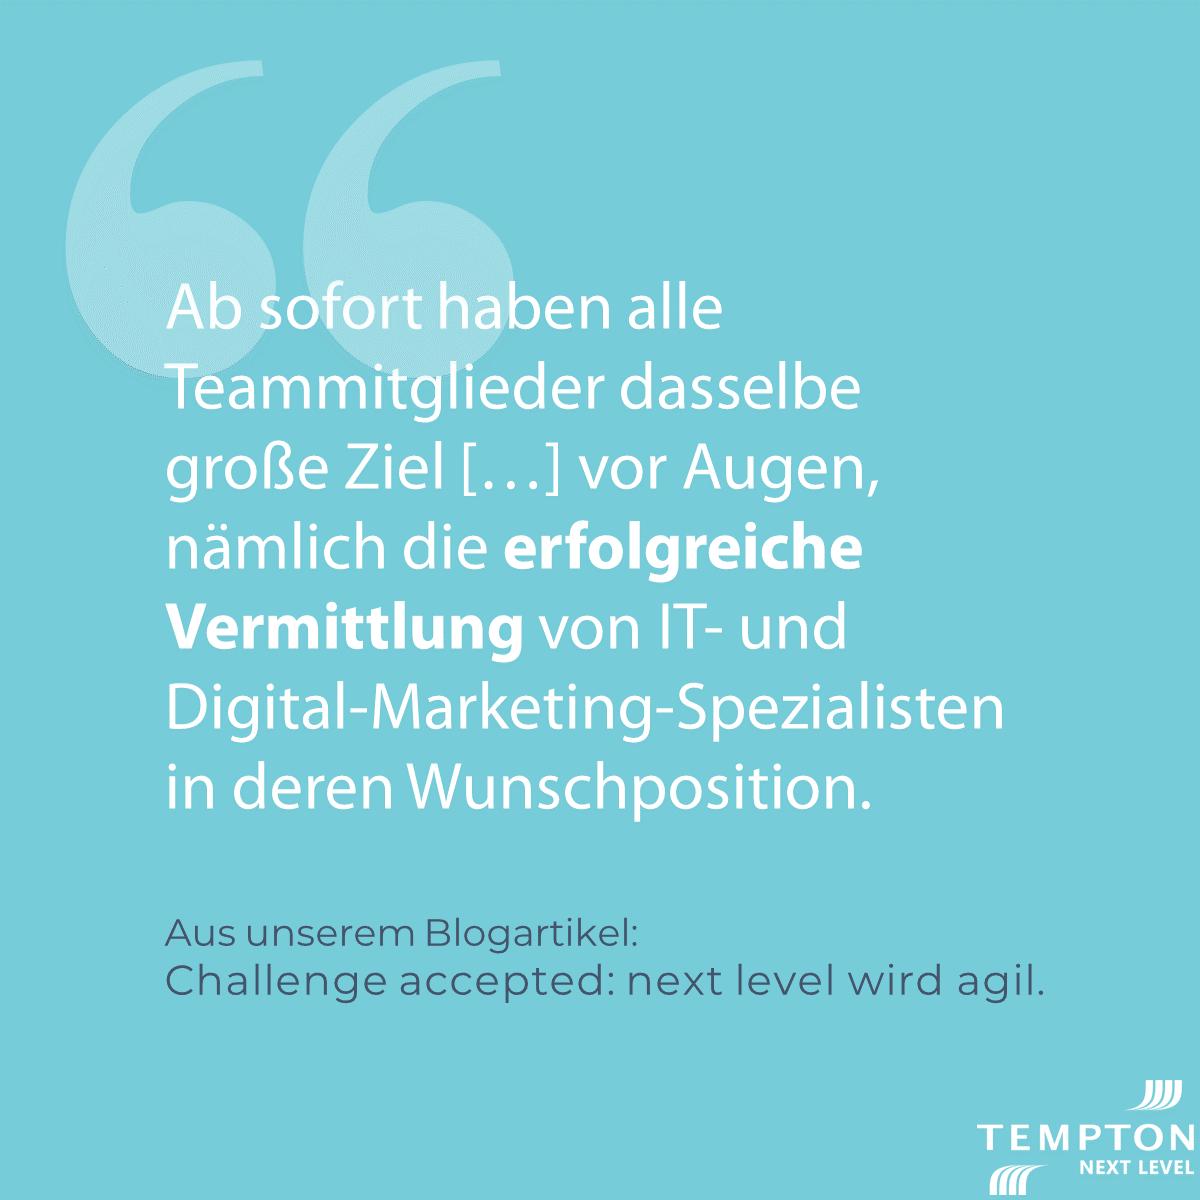 #tbt zum #agilethursday: Vor über zwei Jahren standen wir ganz am Anfang unserer agilen Transformation. Was wir im ersten Jahr gelernt haben, haben wir monatlich in unserer agilen Blogreihe festgehalten.  https://t.co/hATJF0ggpT #nextlevel #agileHR #agilemindset #nextlevelblog https://t.co/6iIBPTrrSI